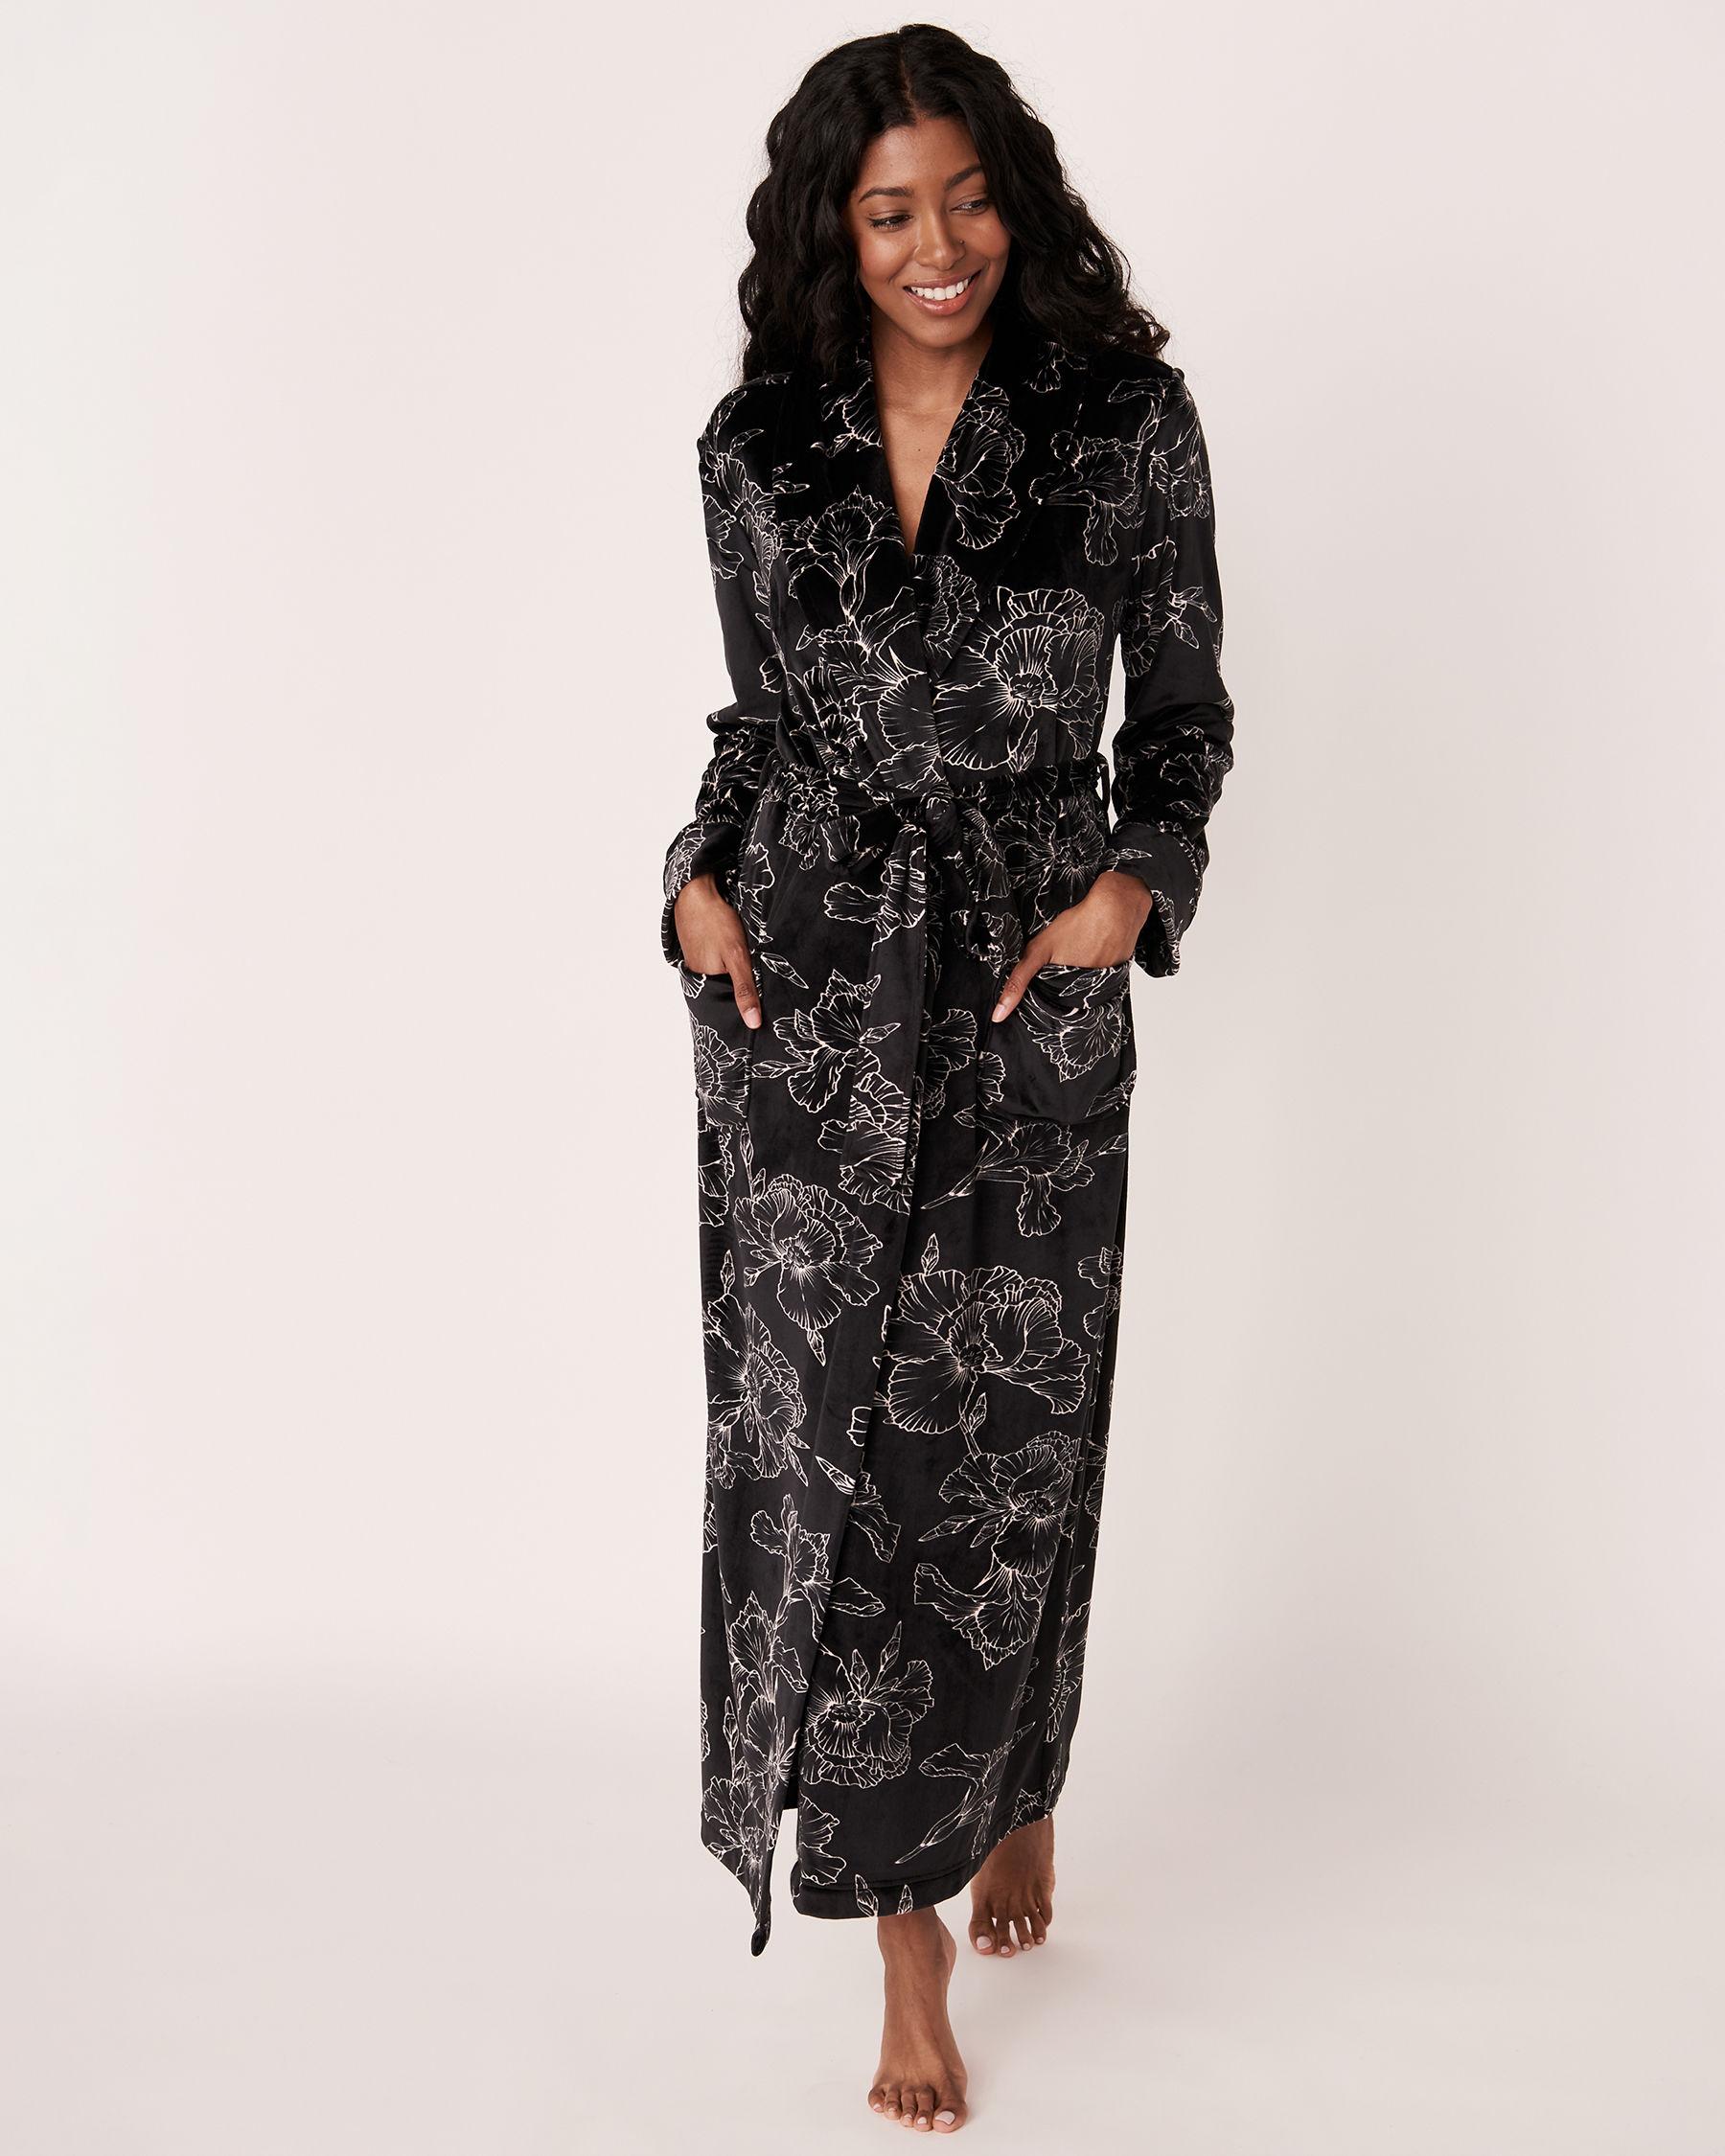 LA VIE EN ROSE Long Velvet Robe Black flower 40600022 - View1